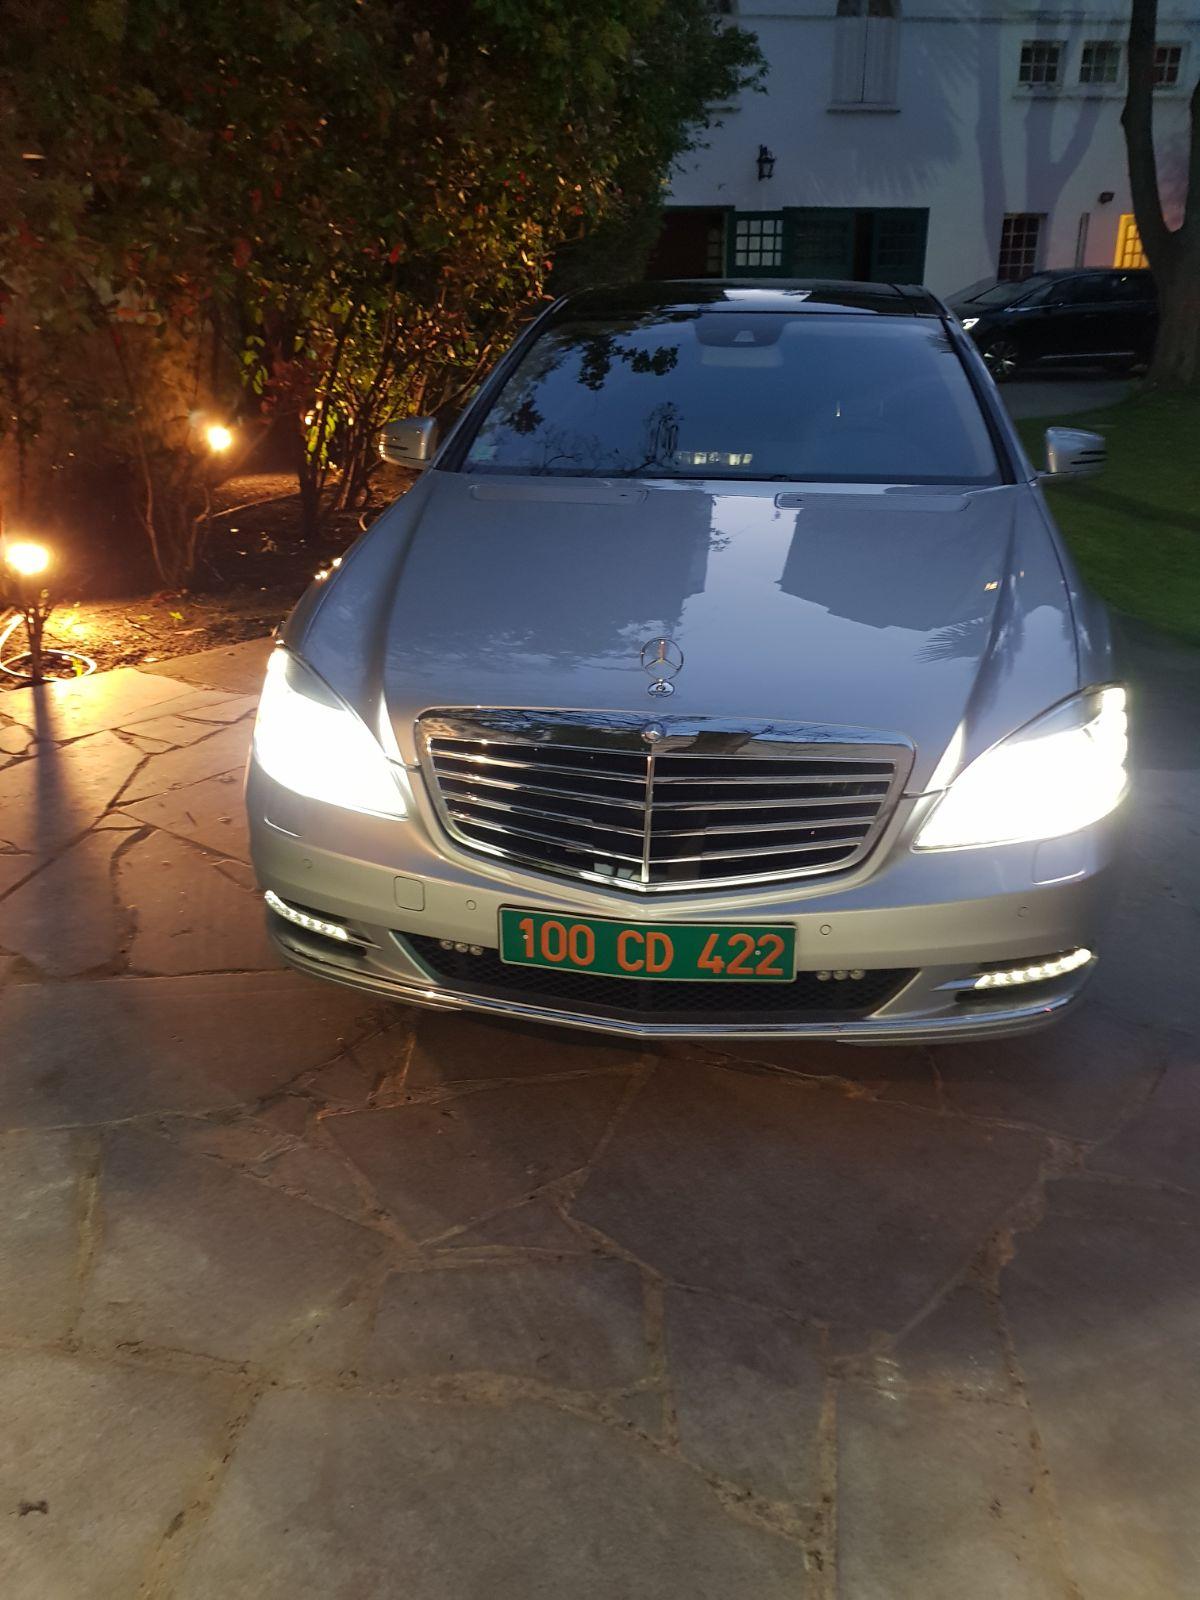 Fake news : la voiture de Macky Sall n'a pas été enfarinée, voici la vraie voiture du Président (vidéo et photos)